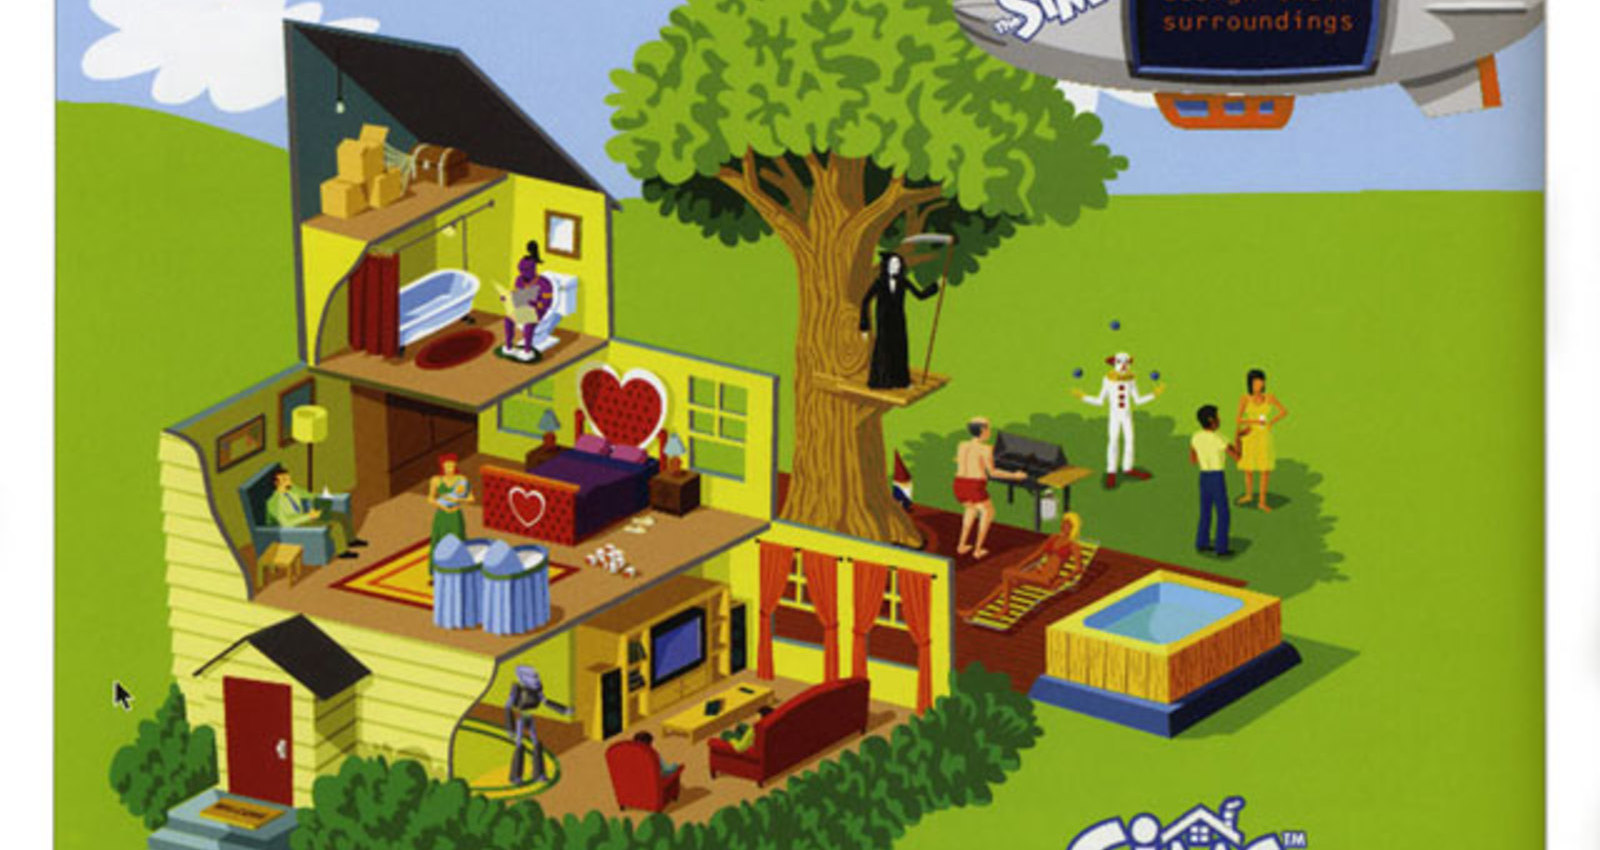 The Sim House